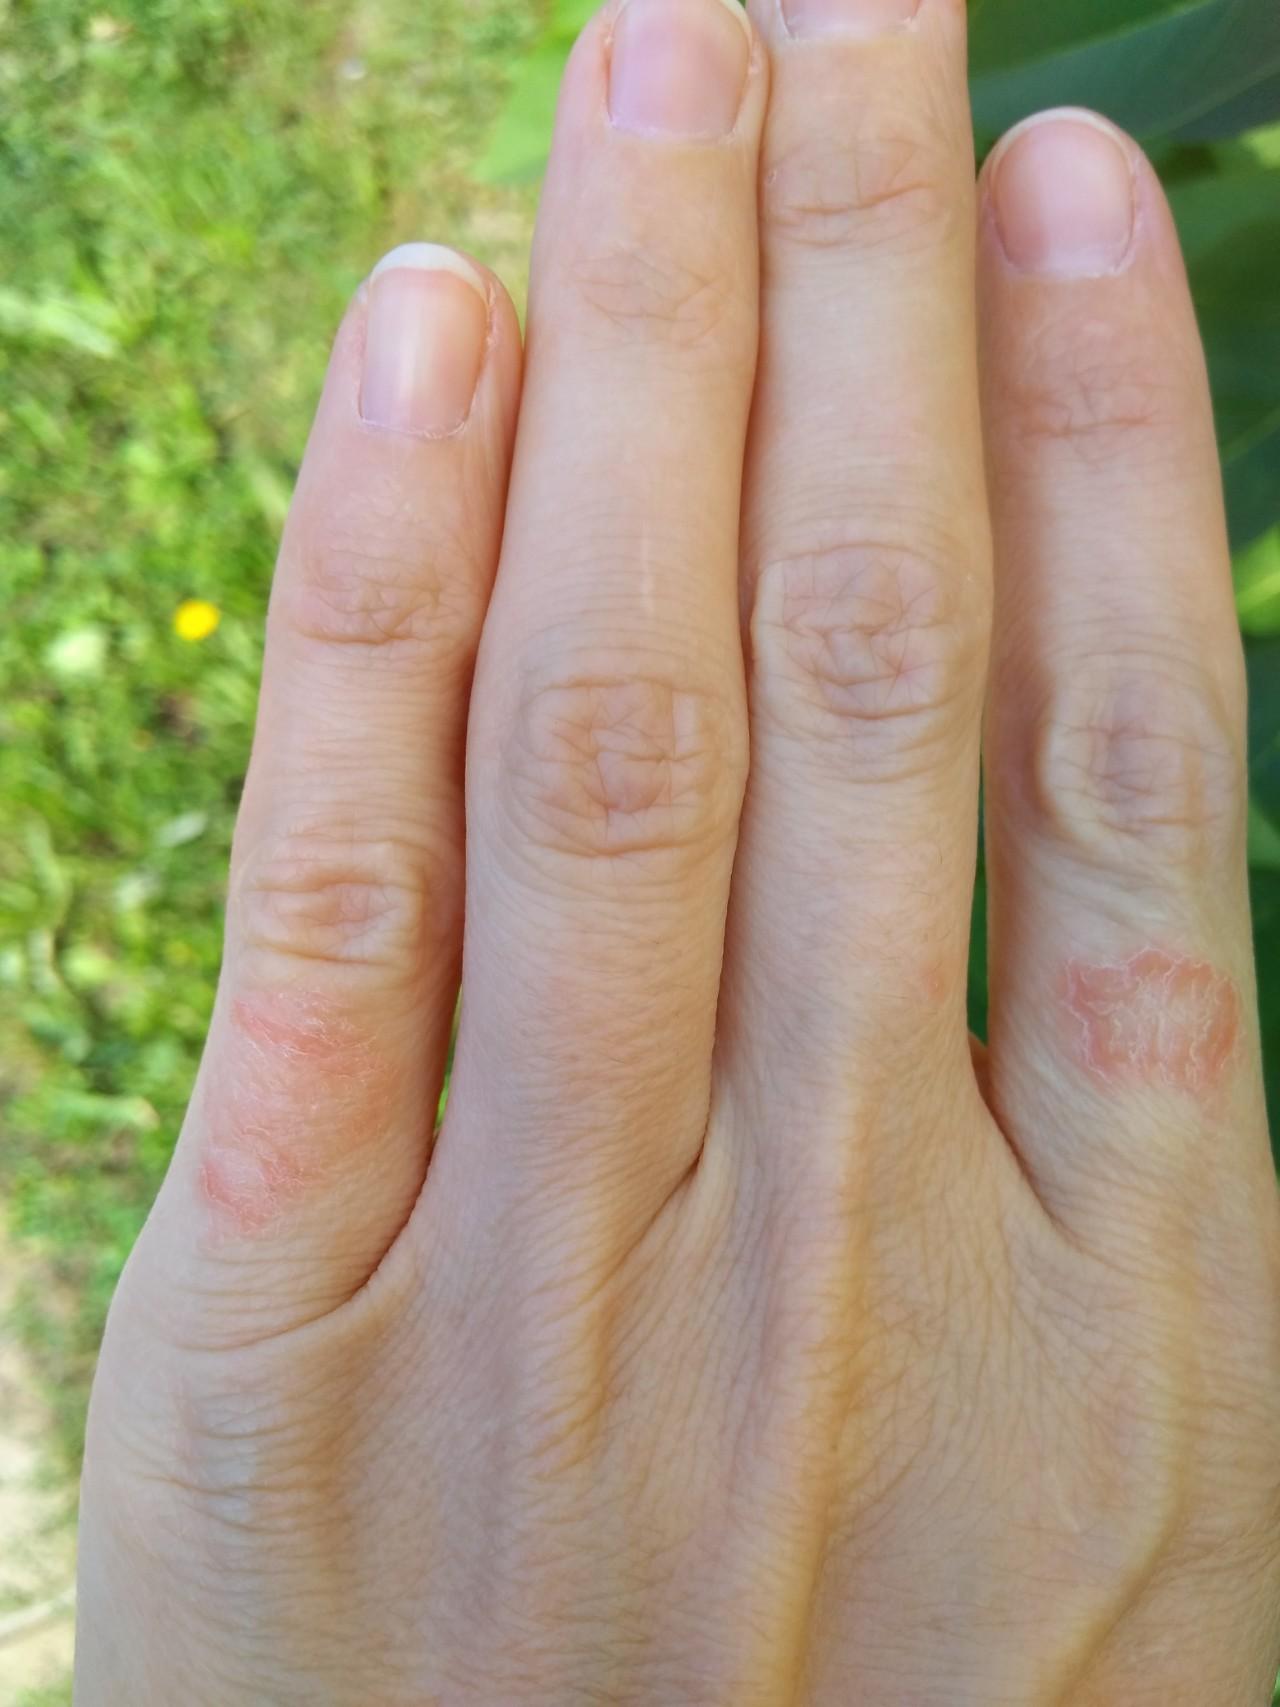 Пятна на пальцах картинки